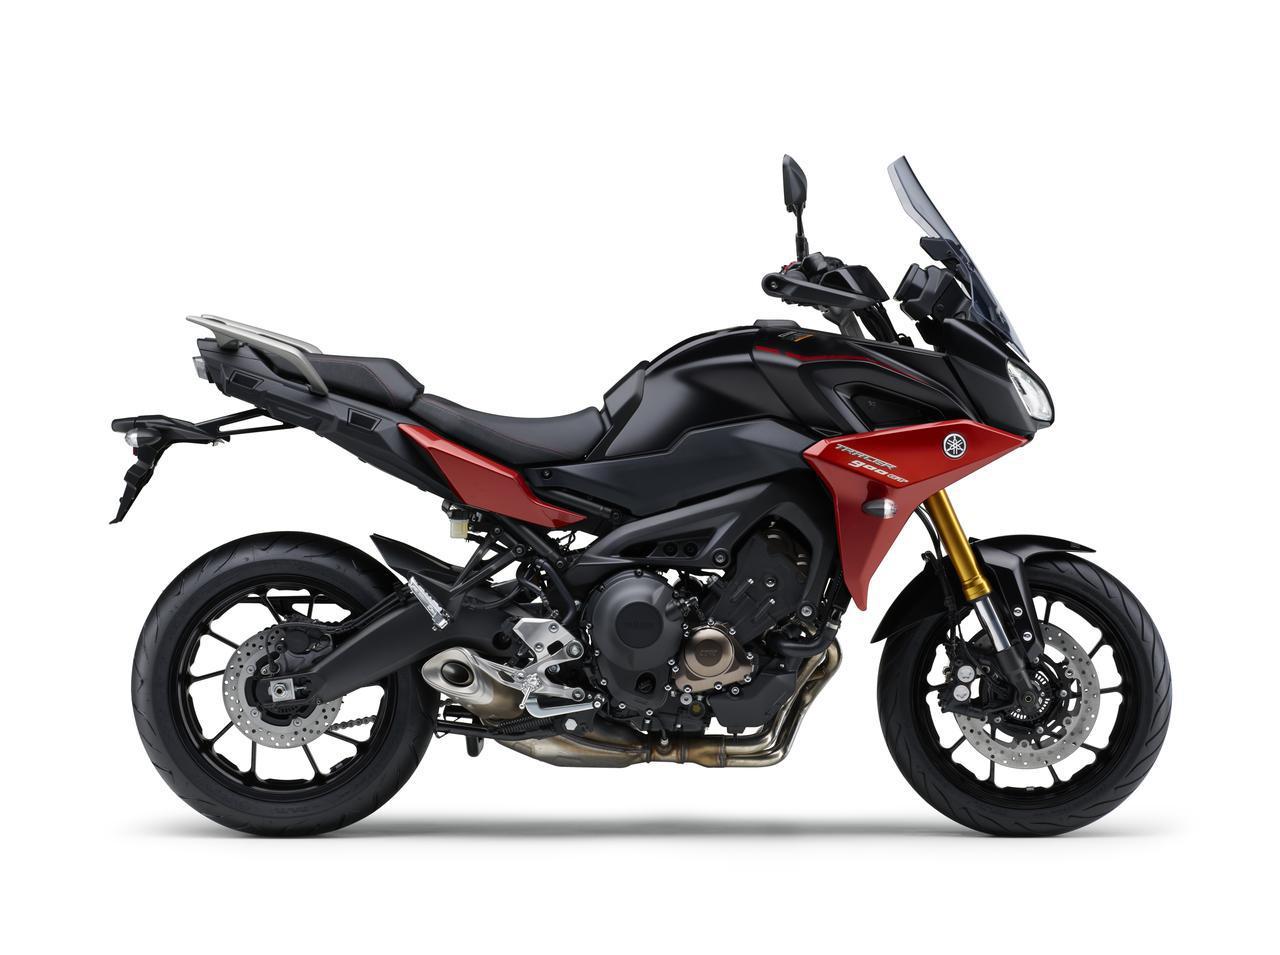 画像4: ヤマハ「トレーサー900」&「トレーサー900GT」の2020年モデルが2月25日発売開始!  新色はマットダークグレーとマットグレー